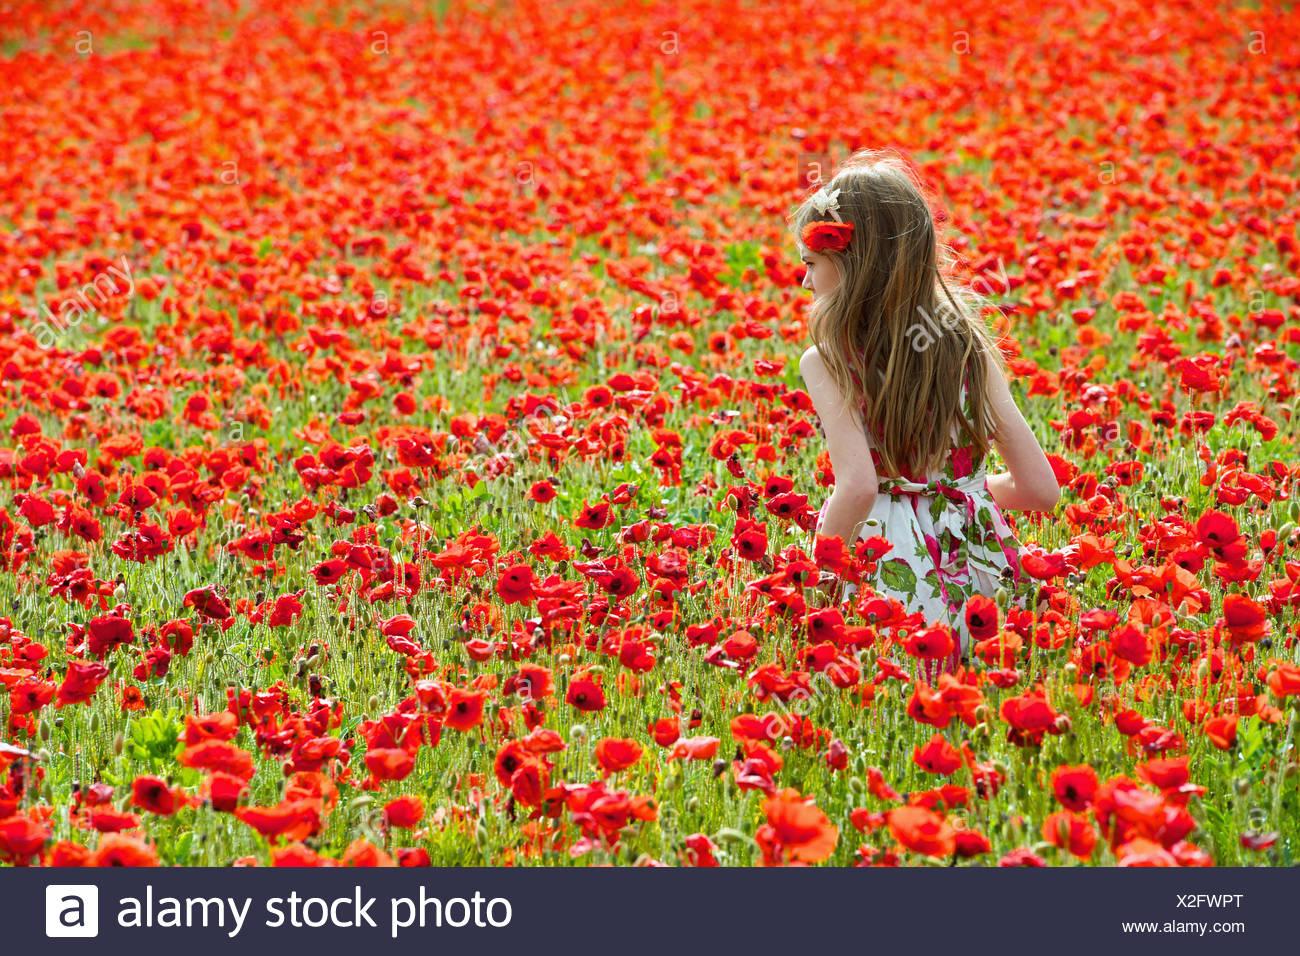 Girl walking in field of flowers - Stock Image